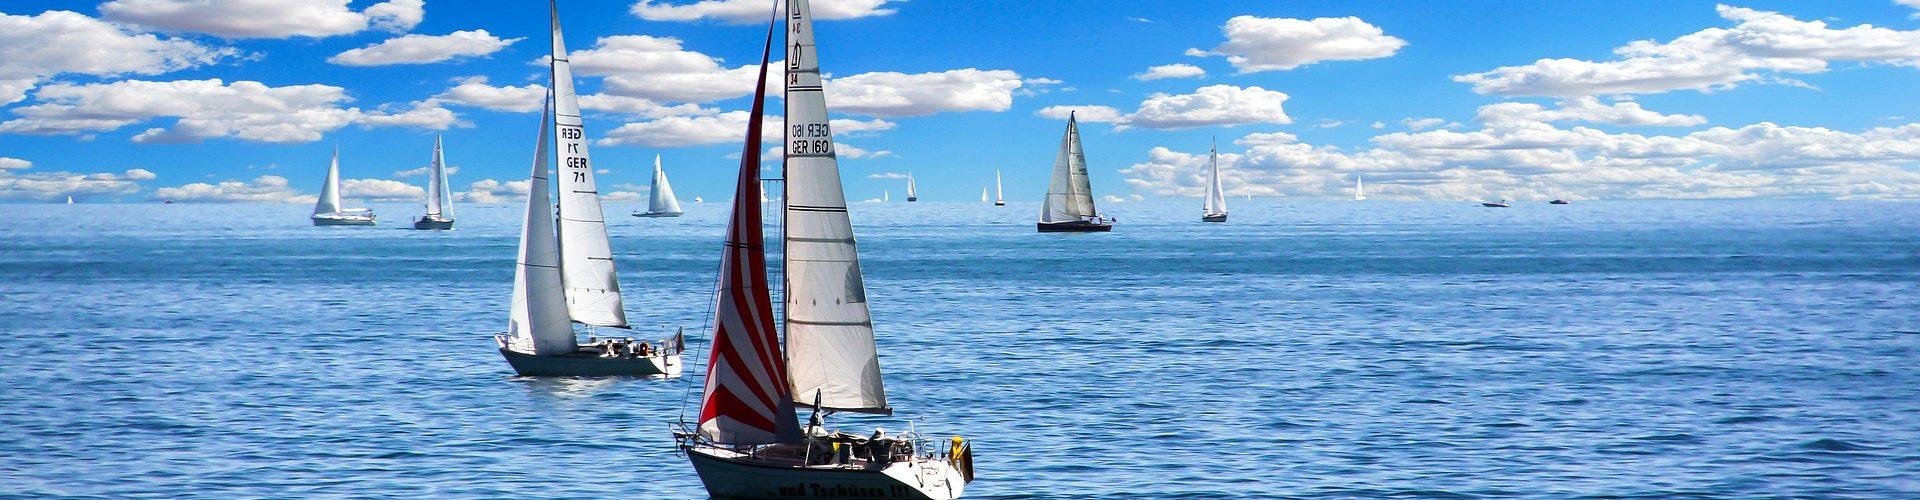 segeln lernen in Wesseling segelschein machen in Wesseling 1920x500 - Segeln lernen in Wesseling